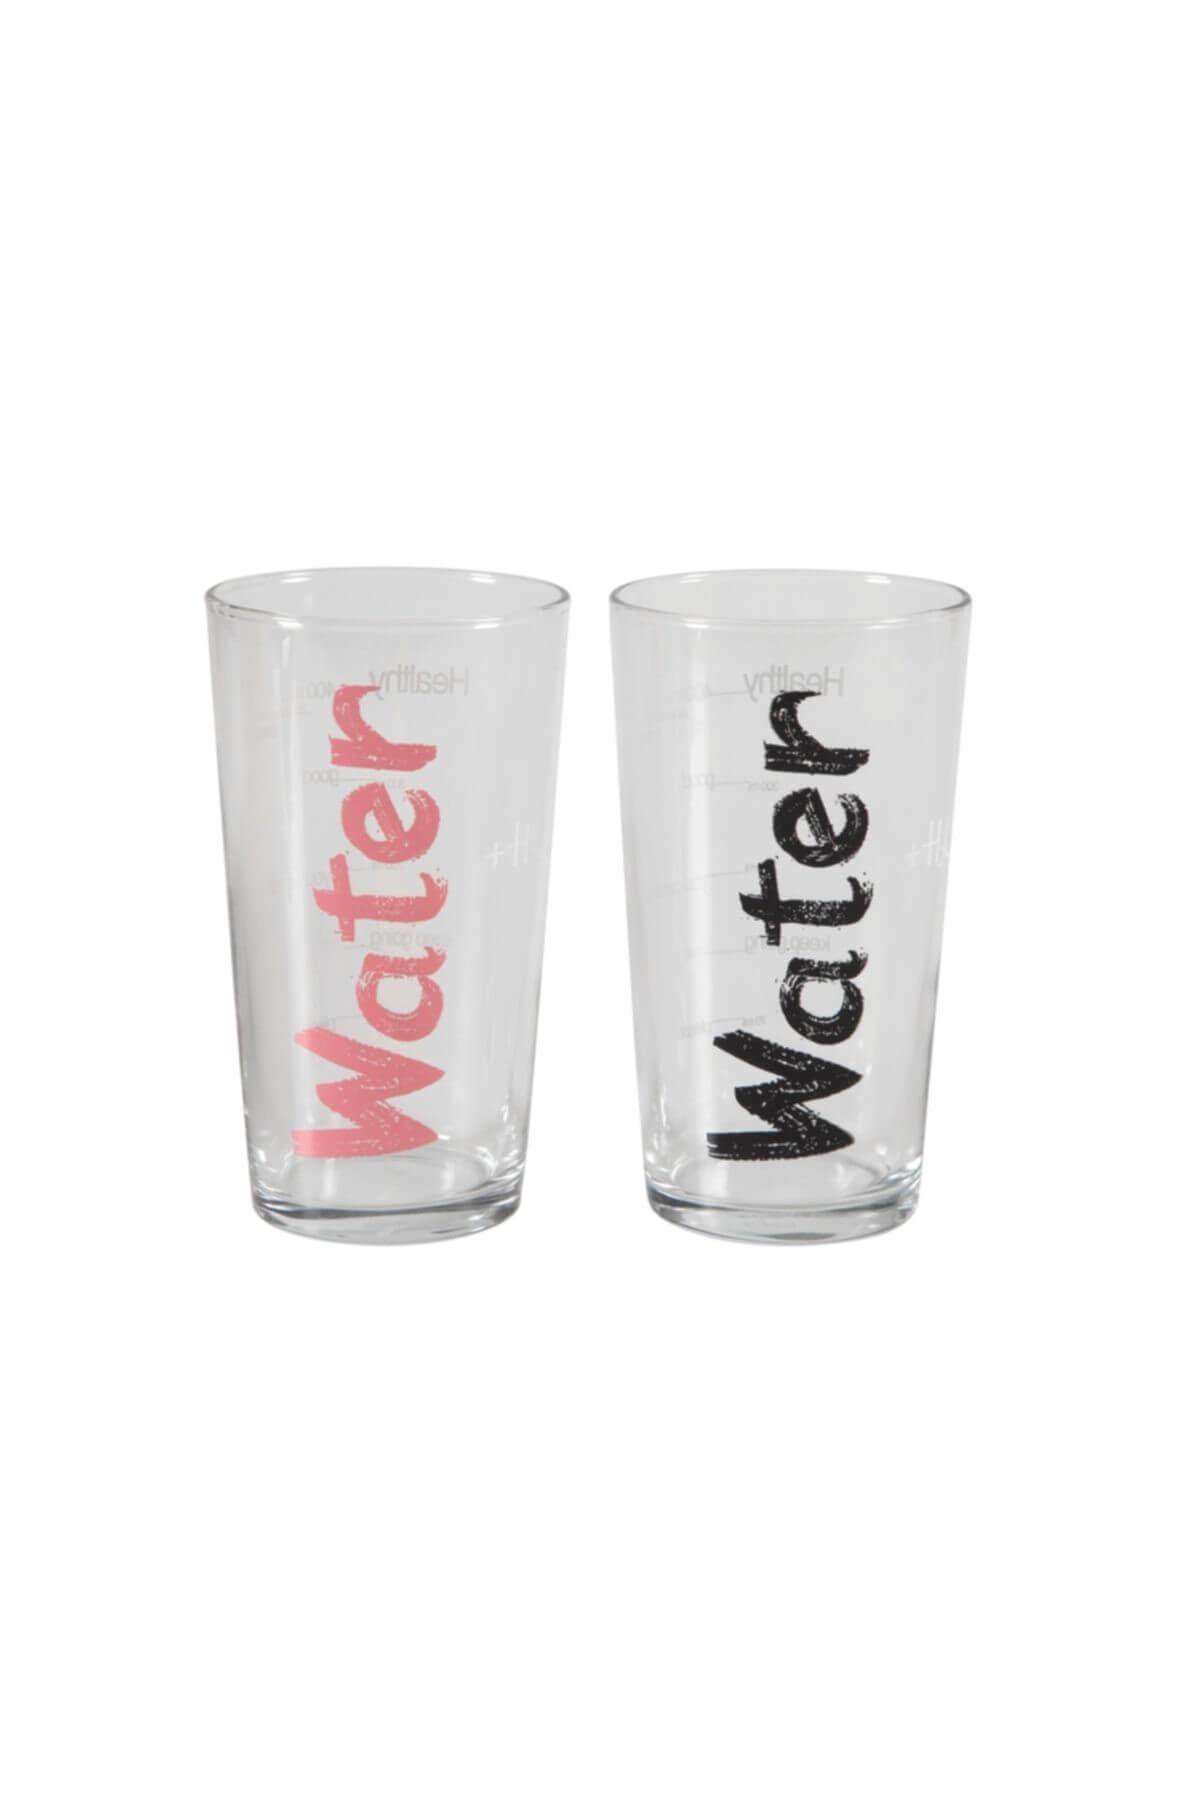 Water Bardak 570 ml 2'li Set -Siyah&Pembe 1202432001